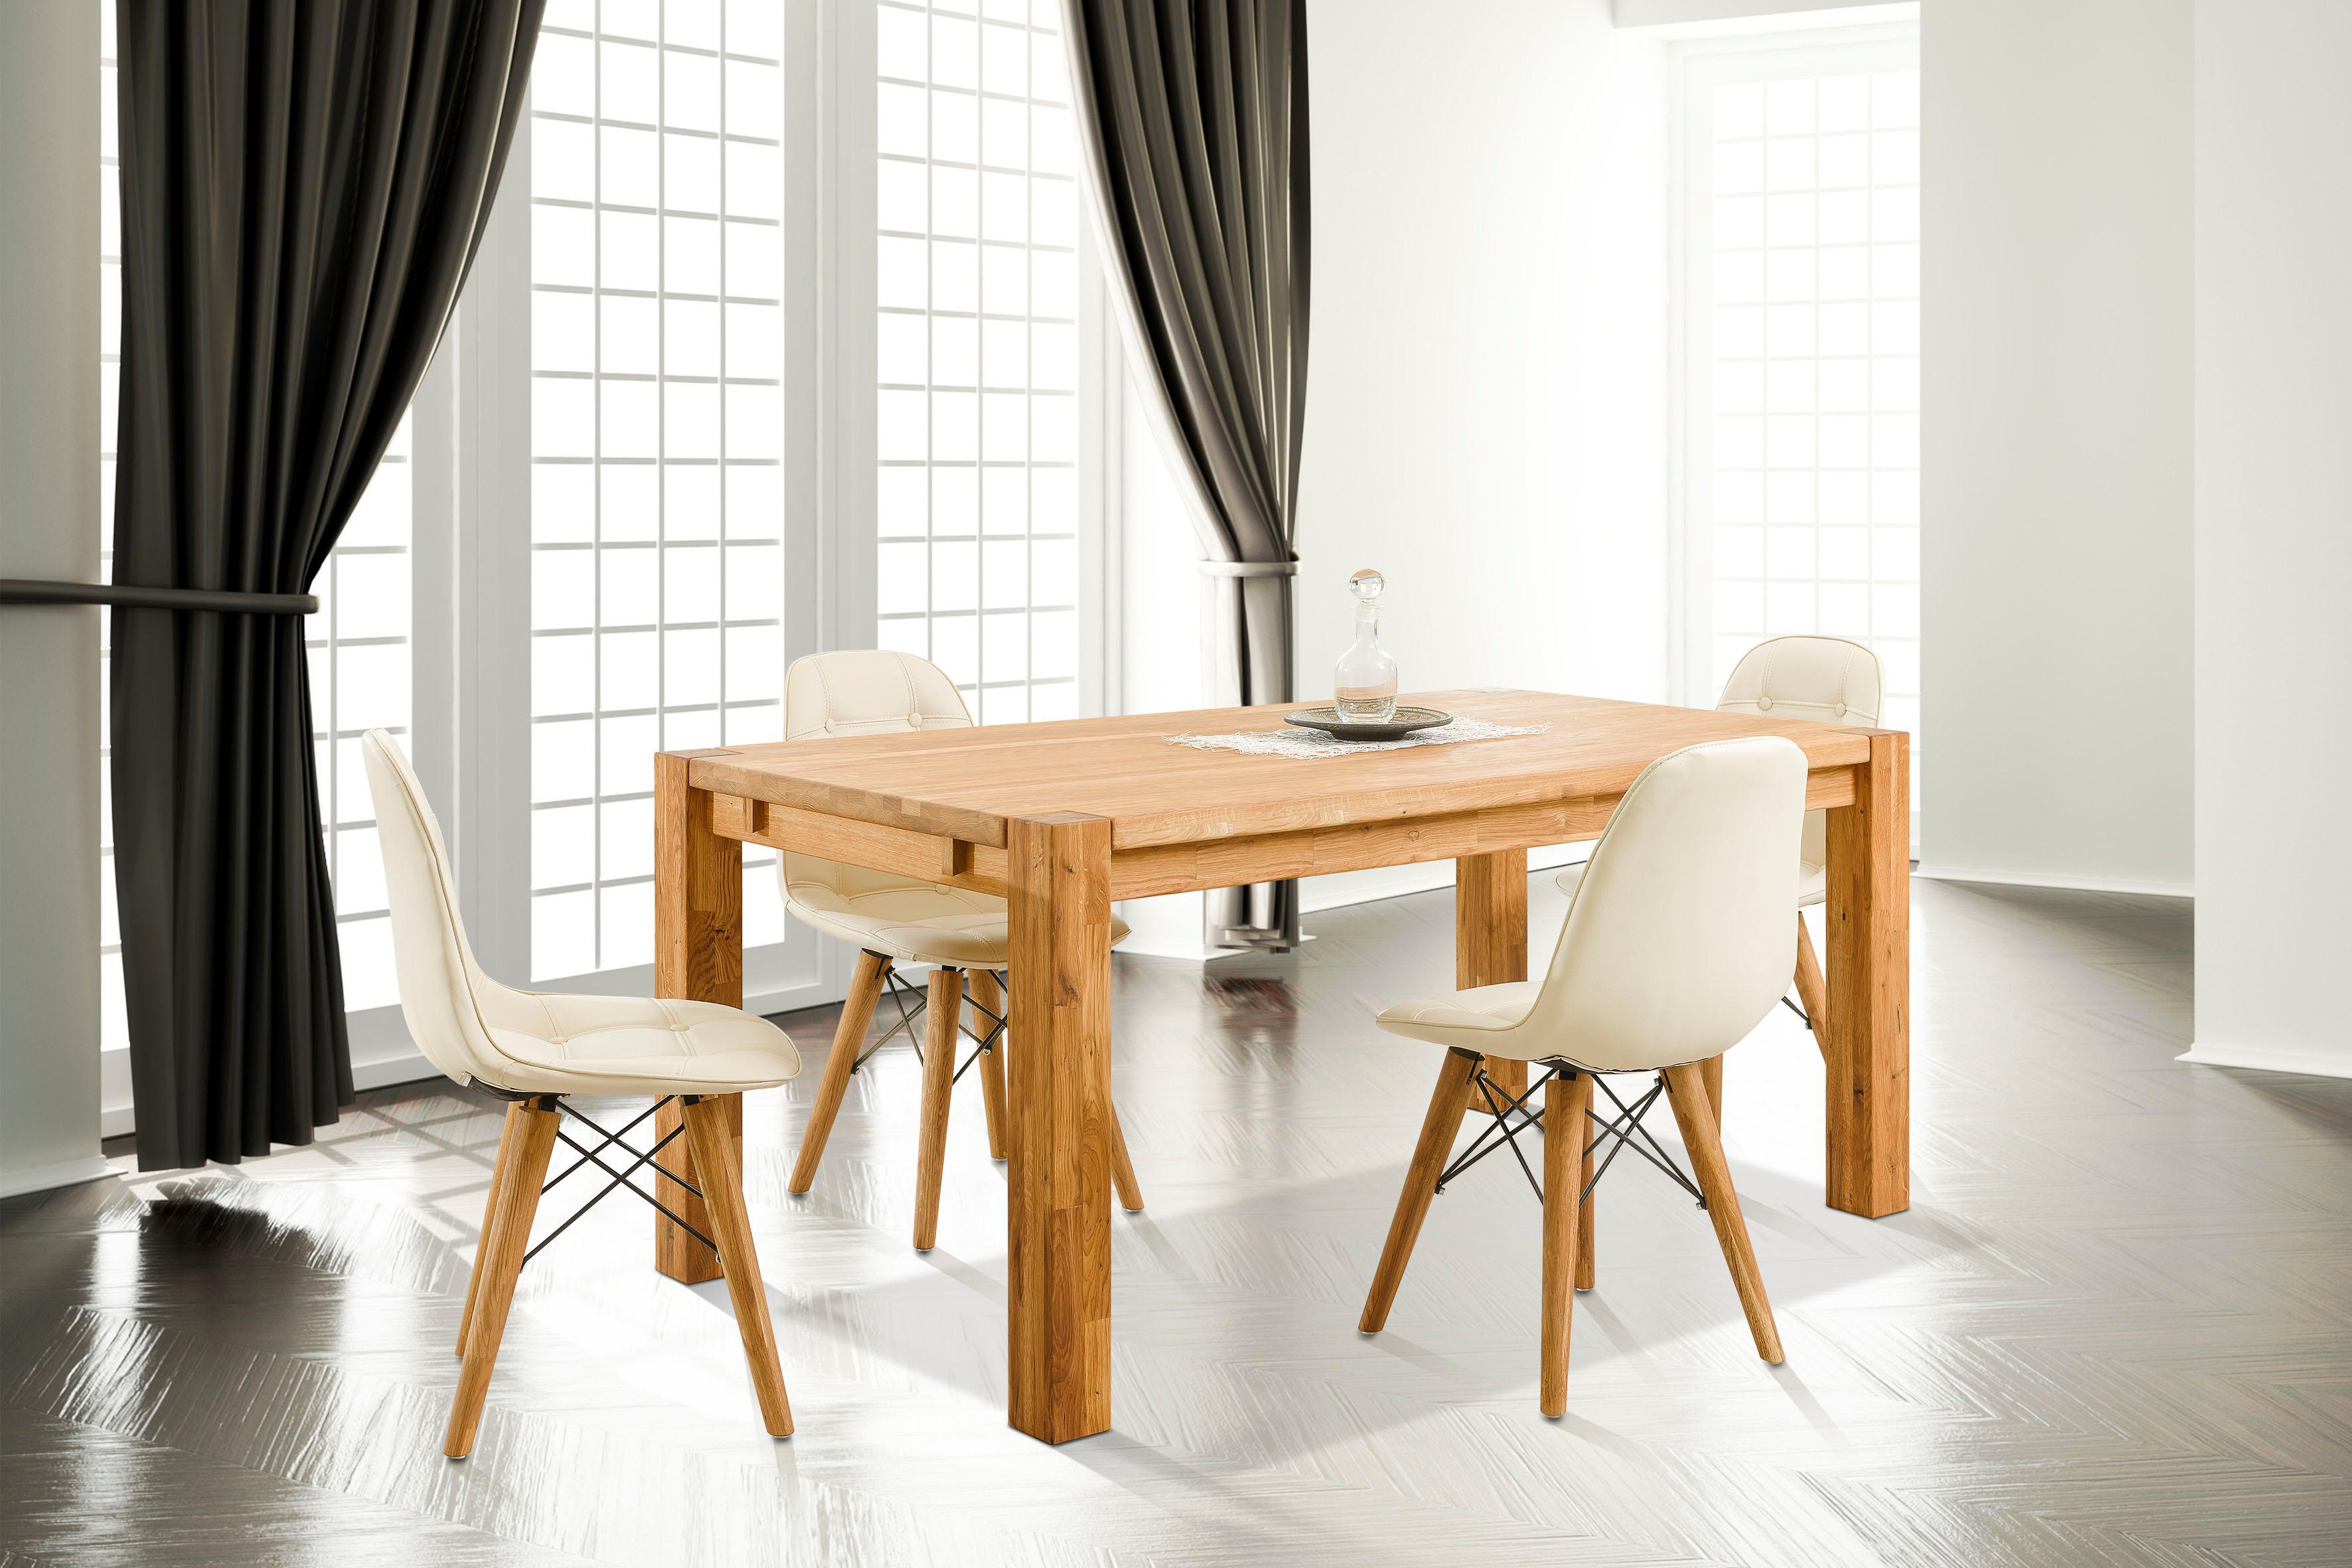 Home affaire Essgruppenset »Tim« bestehend aus 4 Stühlen und einem Esstisch, Esstischgröße 160 cm (5-tlg.)